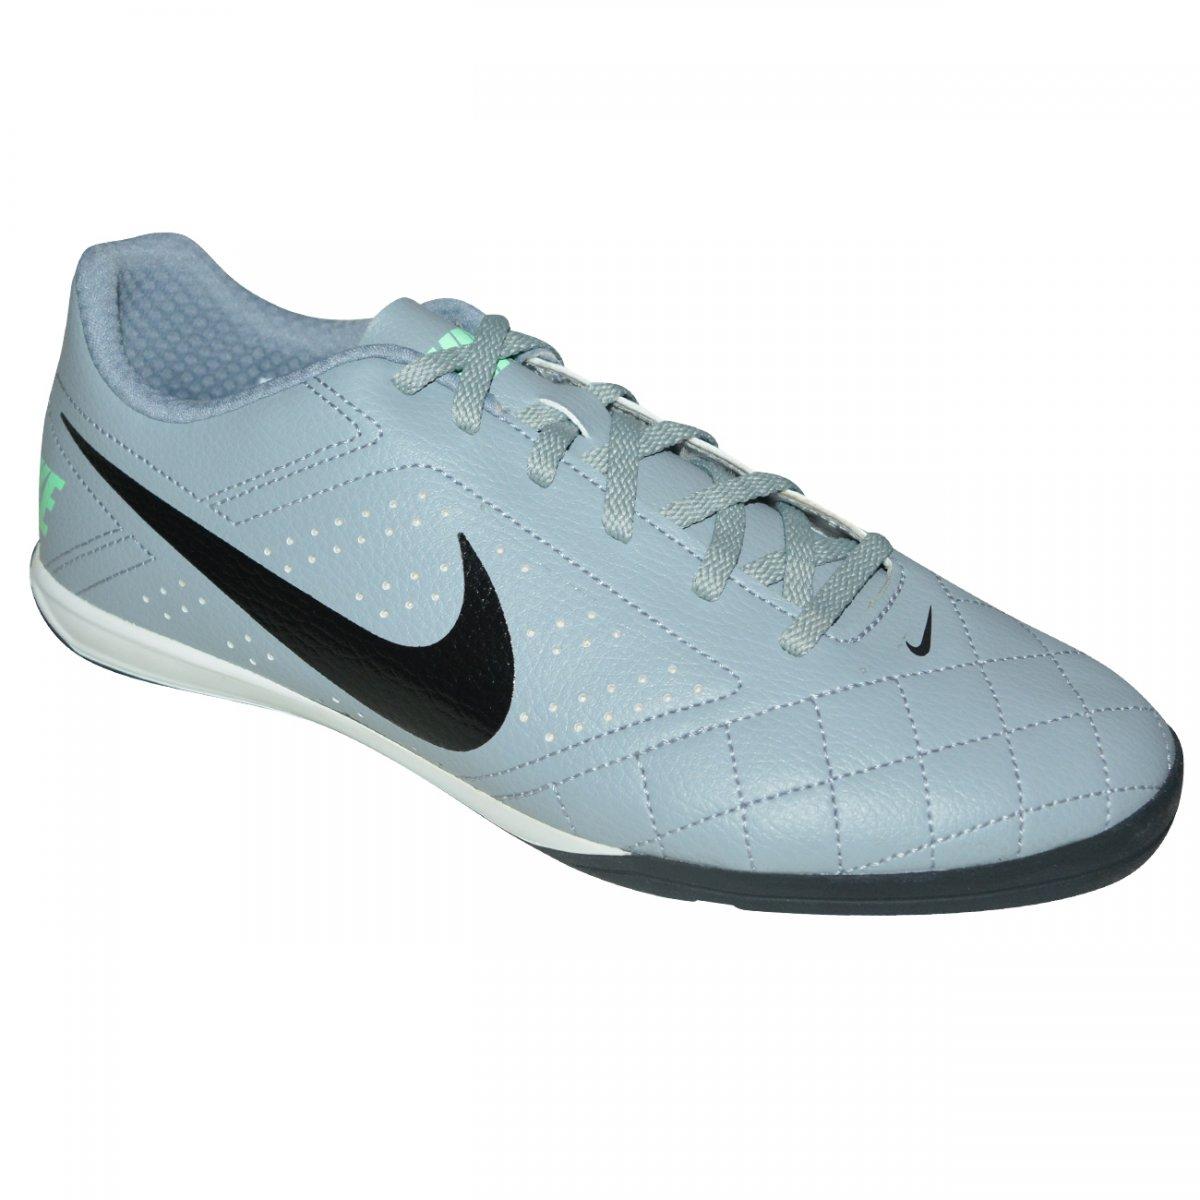 0b6414c192 Tenis Nike Beco 2 646433 030 - Grafite preto - Chuteira Nike